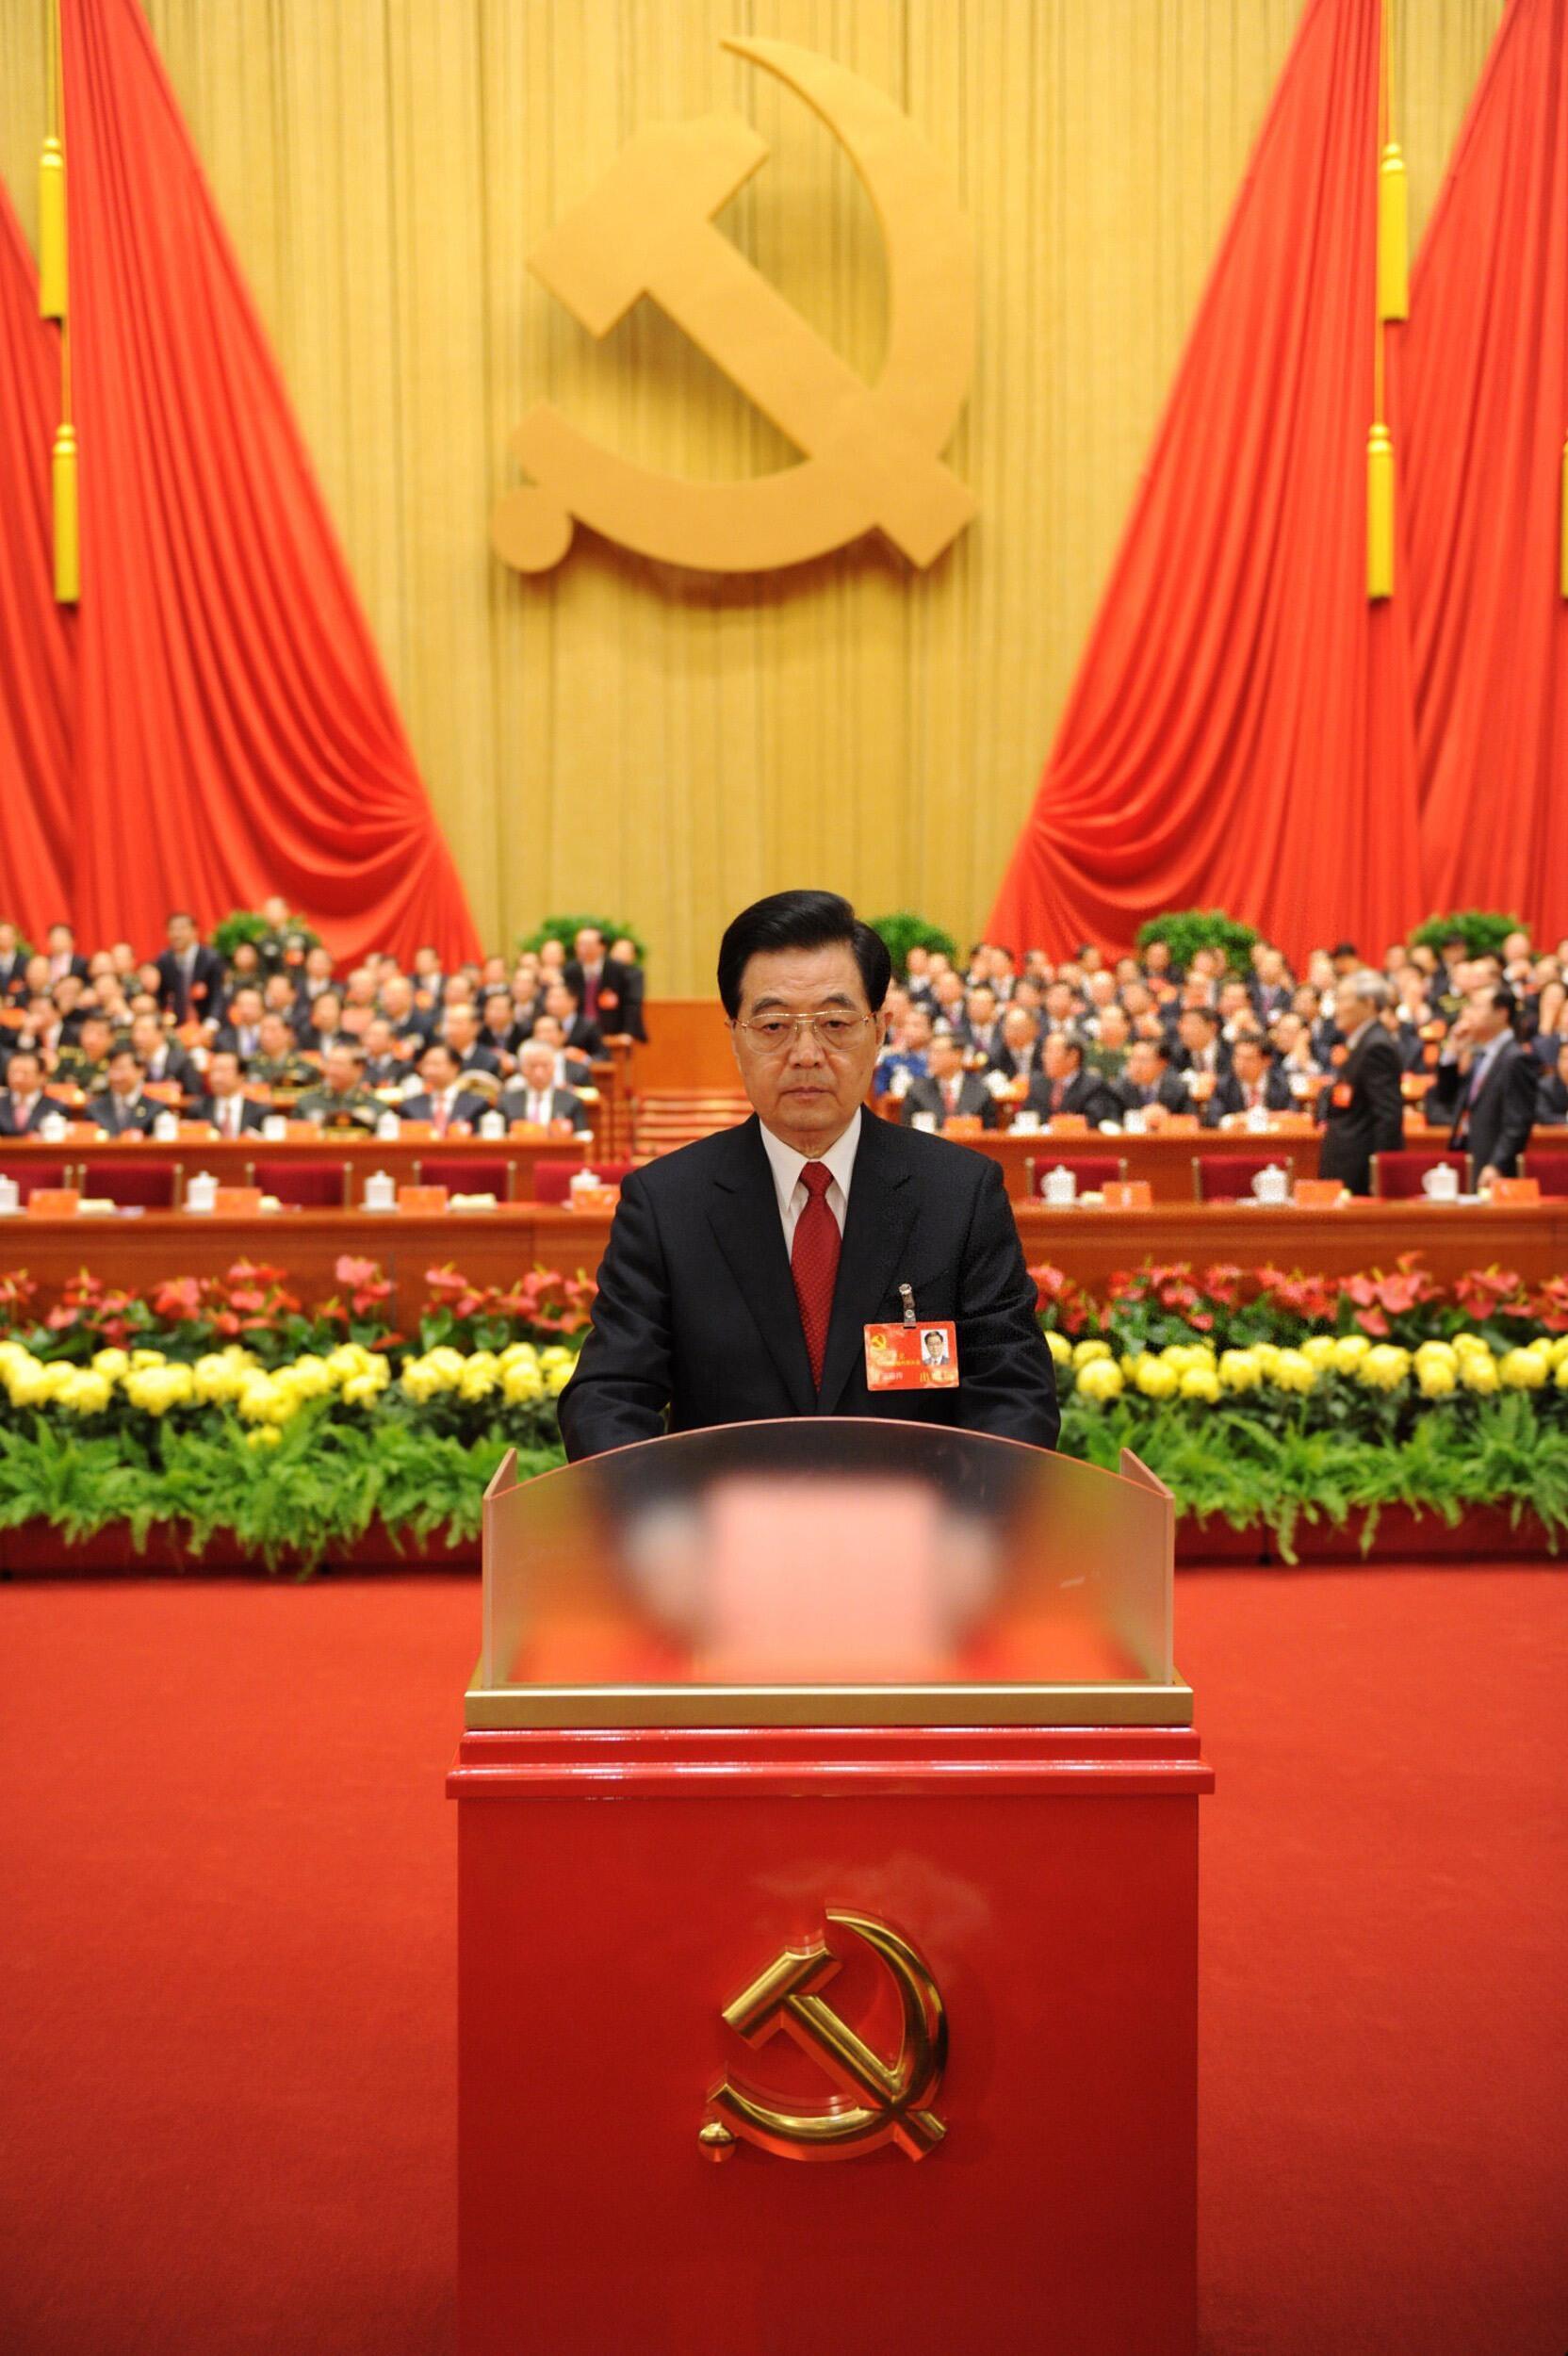 Discours du président Hu Jintao lors de la cérémonie de clôture du 18e Congrès du PCC, le 14 novembre 2012.